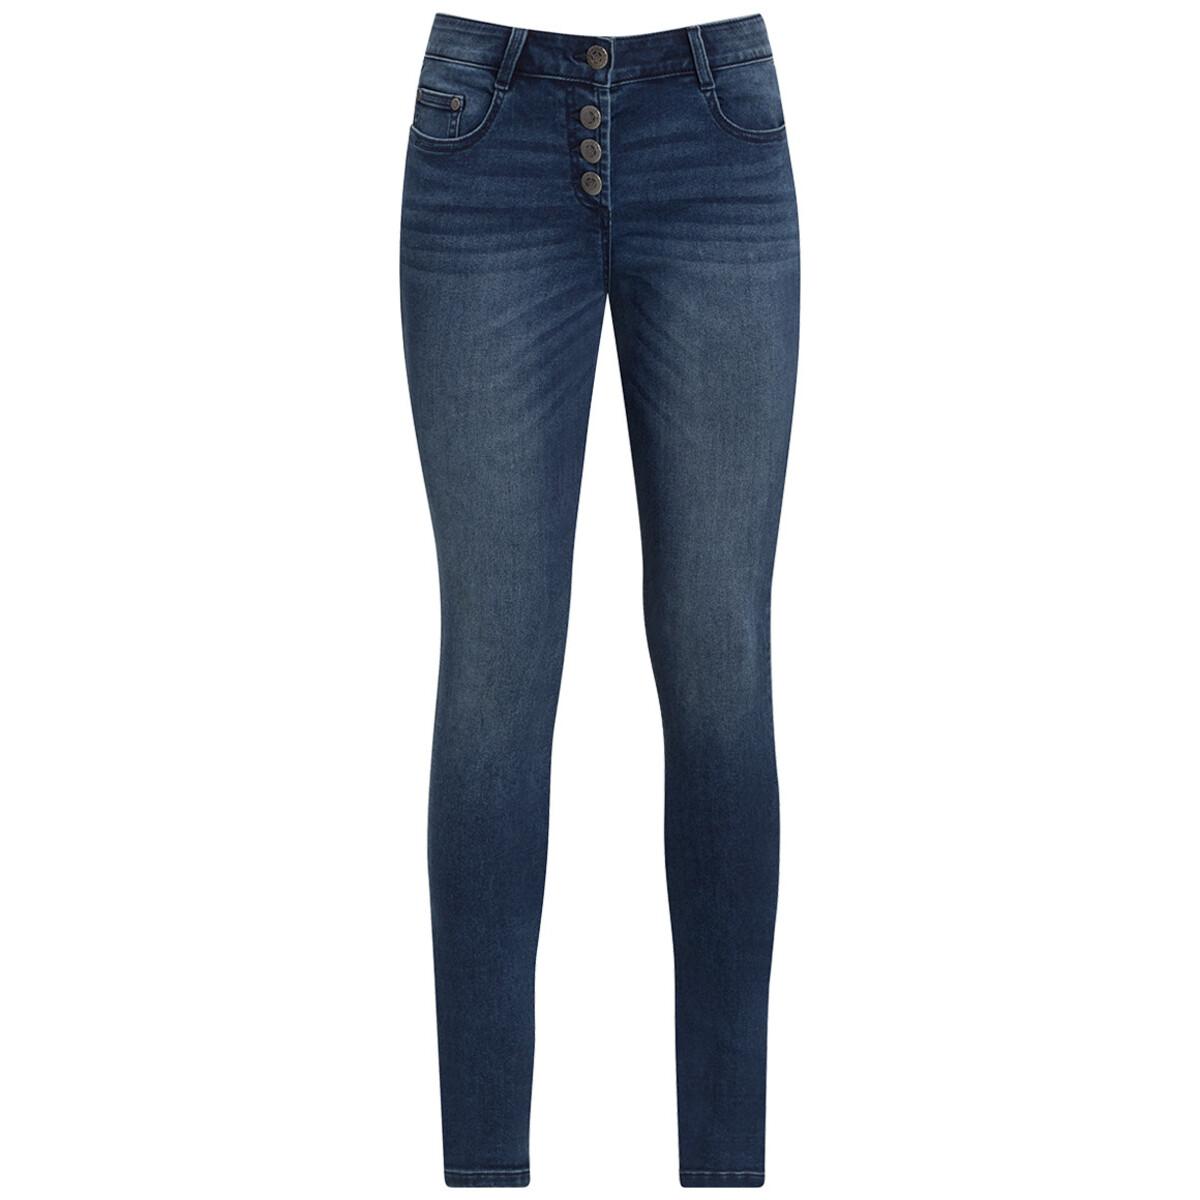 Bild 1 von Damen Slim Jeans mit Knopfleiste